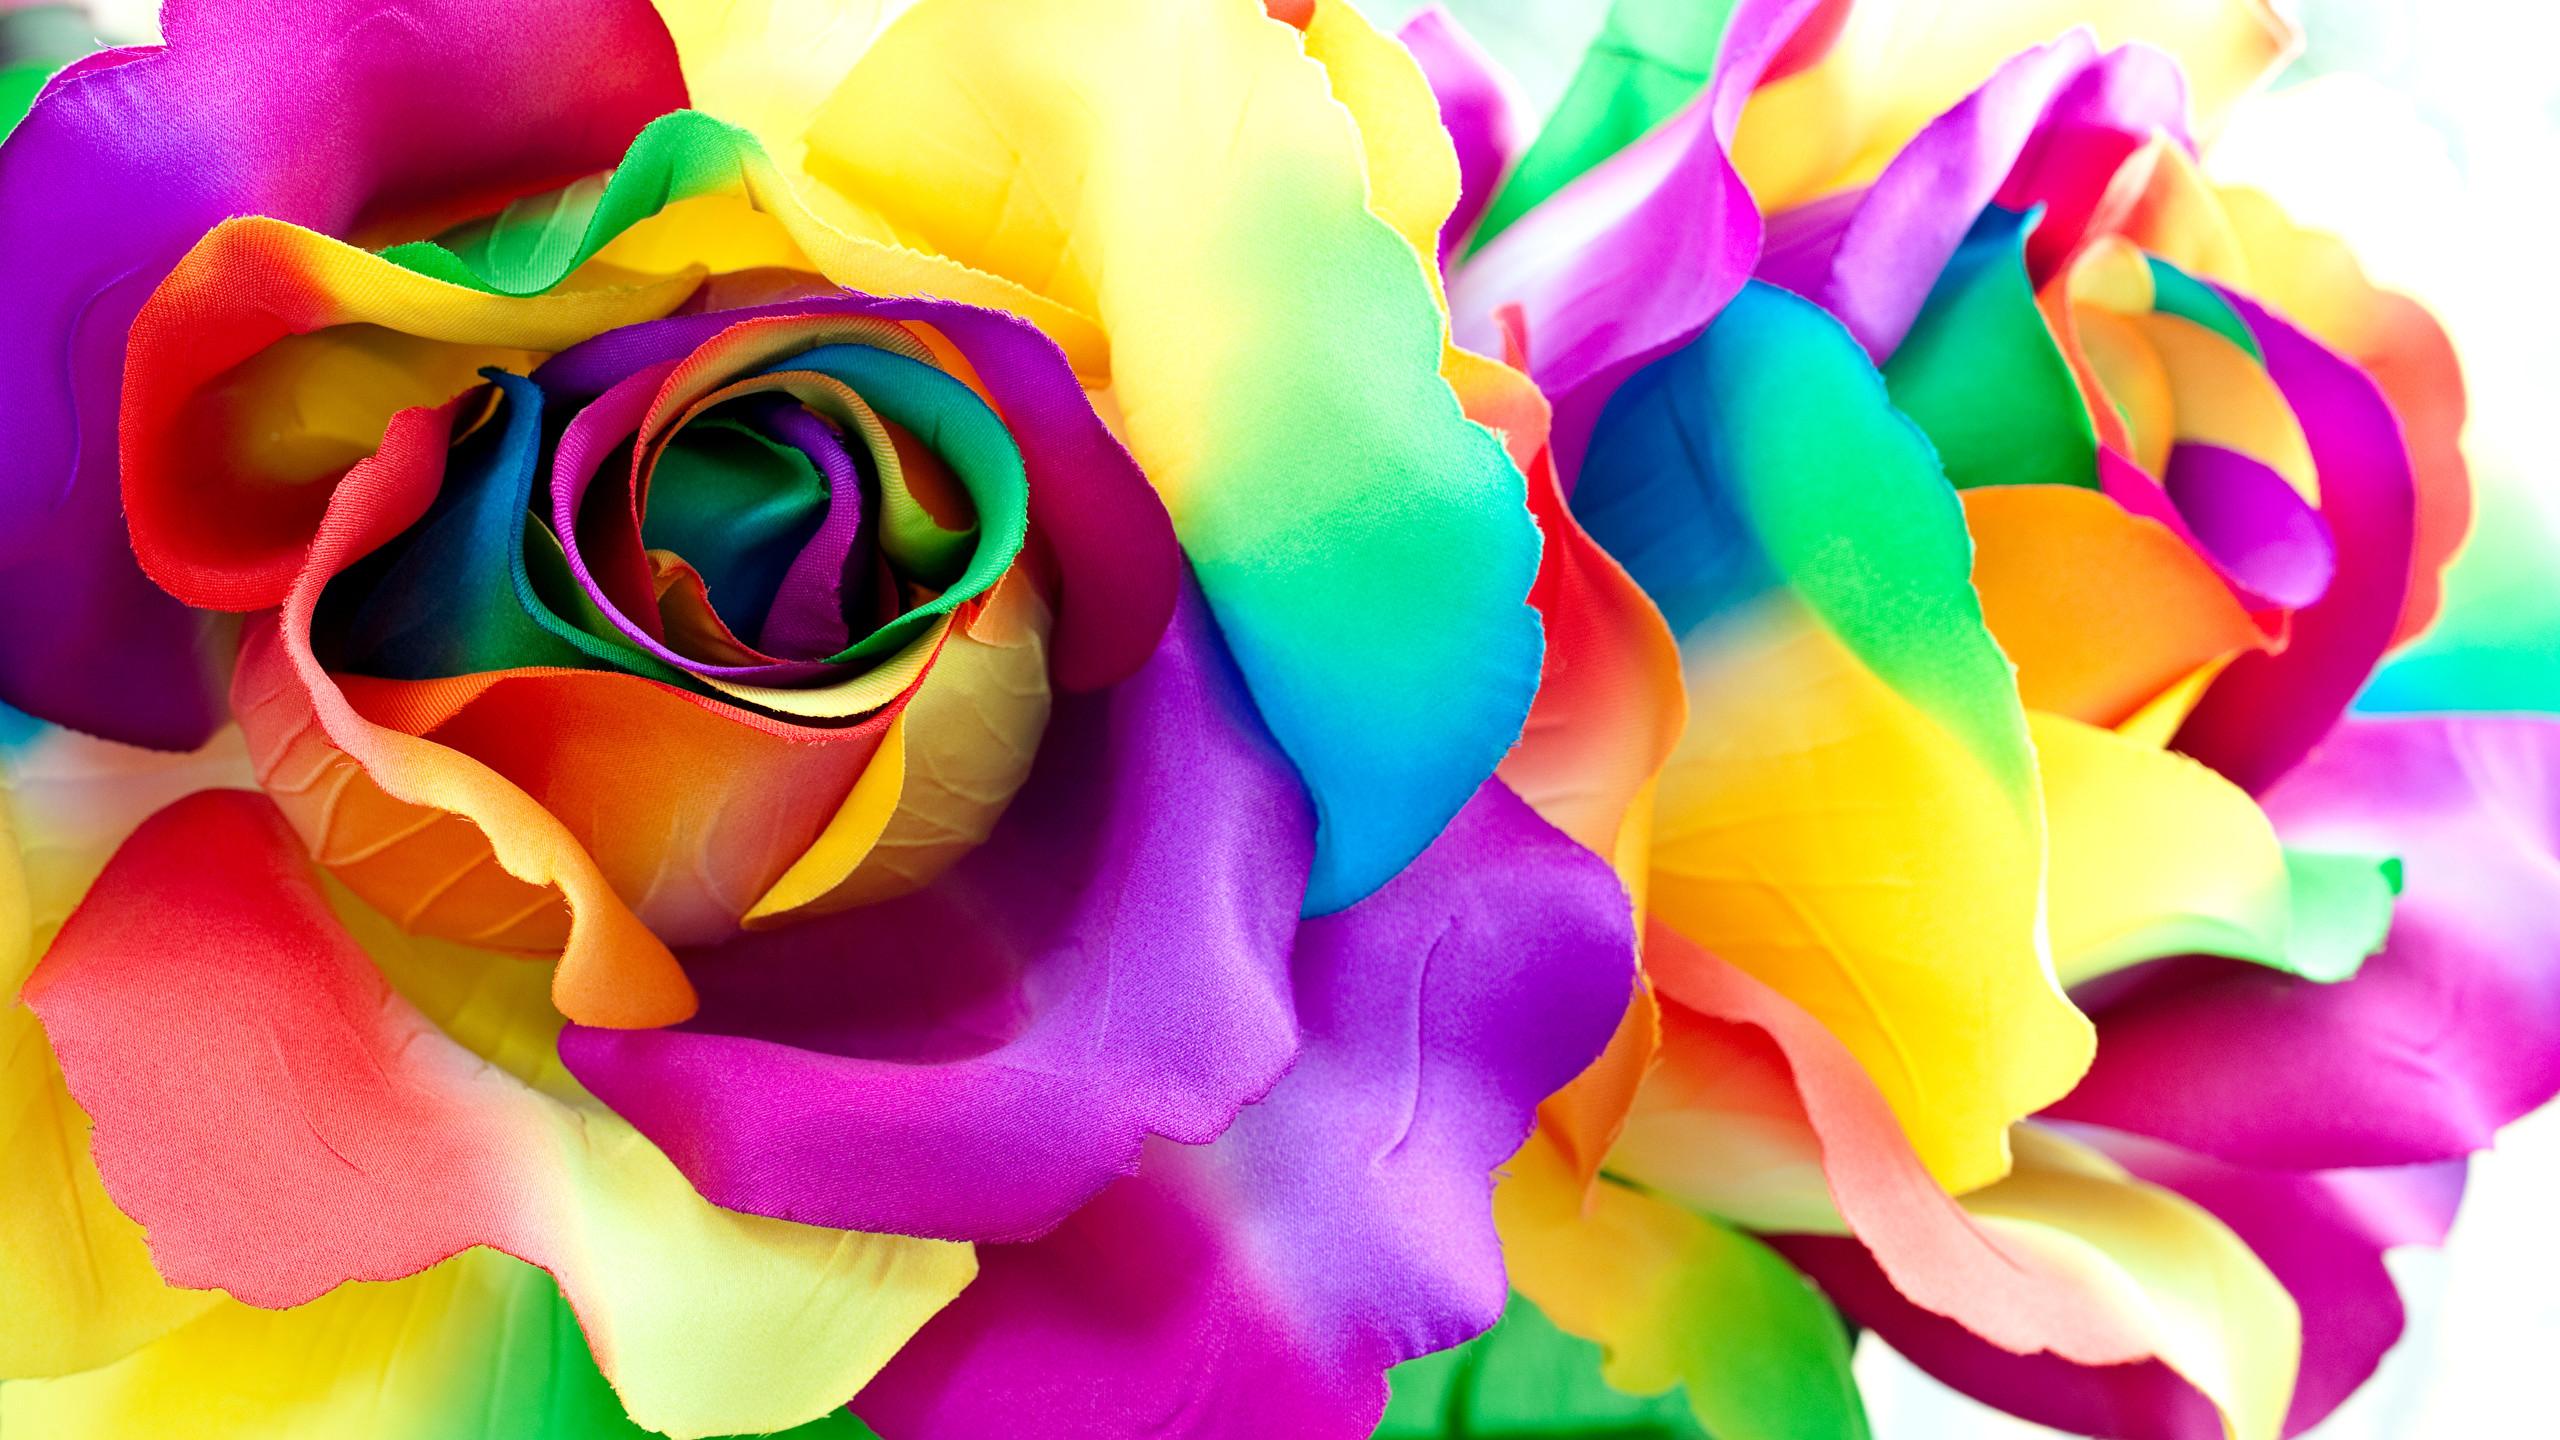 Wallpaper Multicolor Roses Petals Flowers Closeup 2560×1440